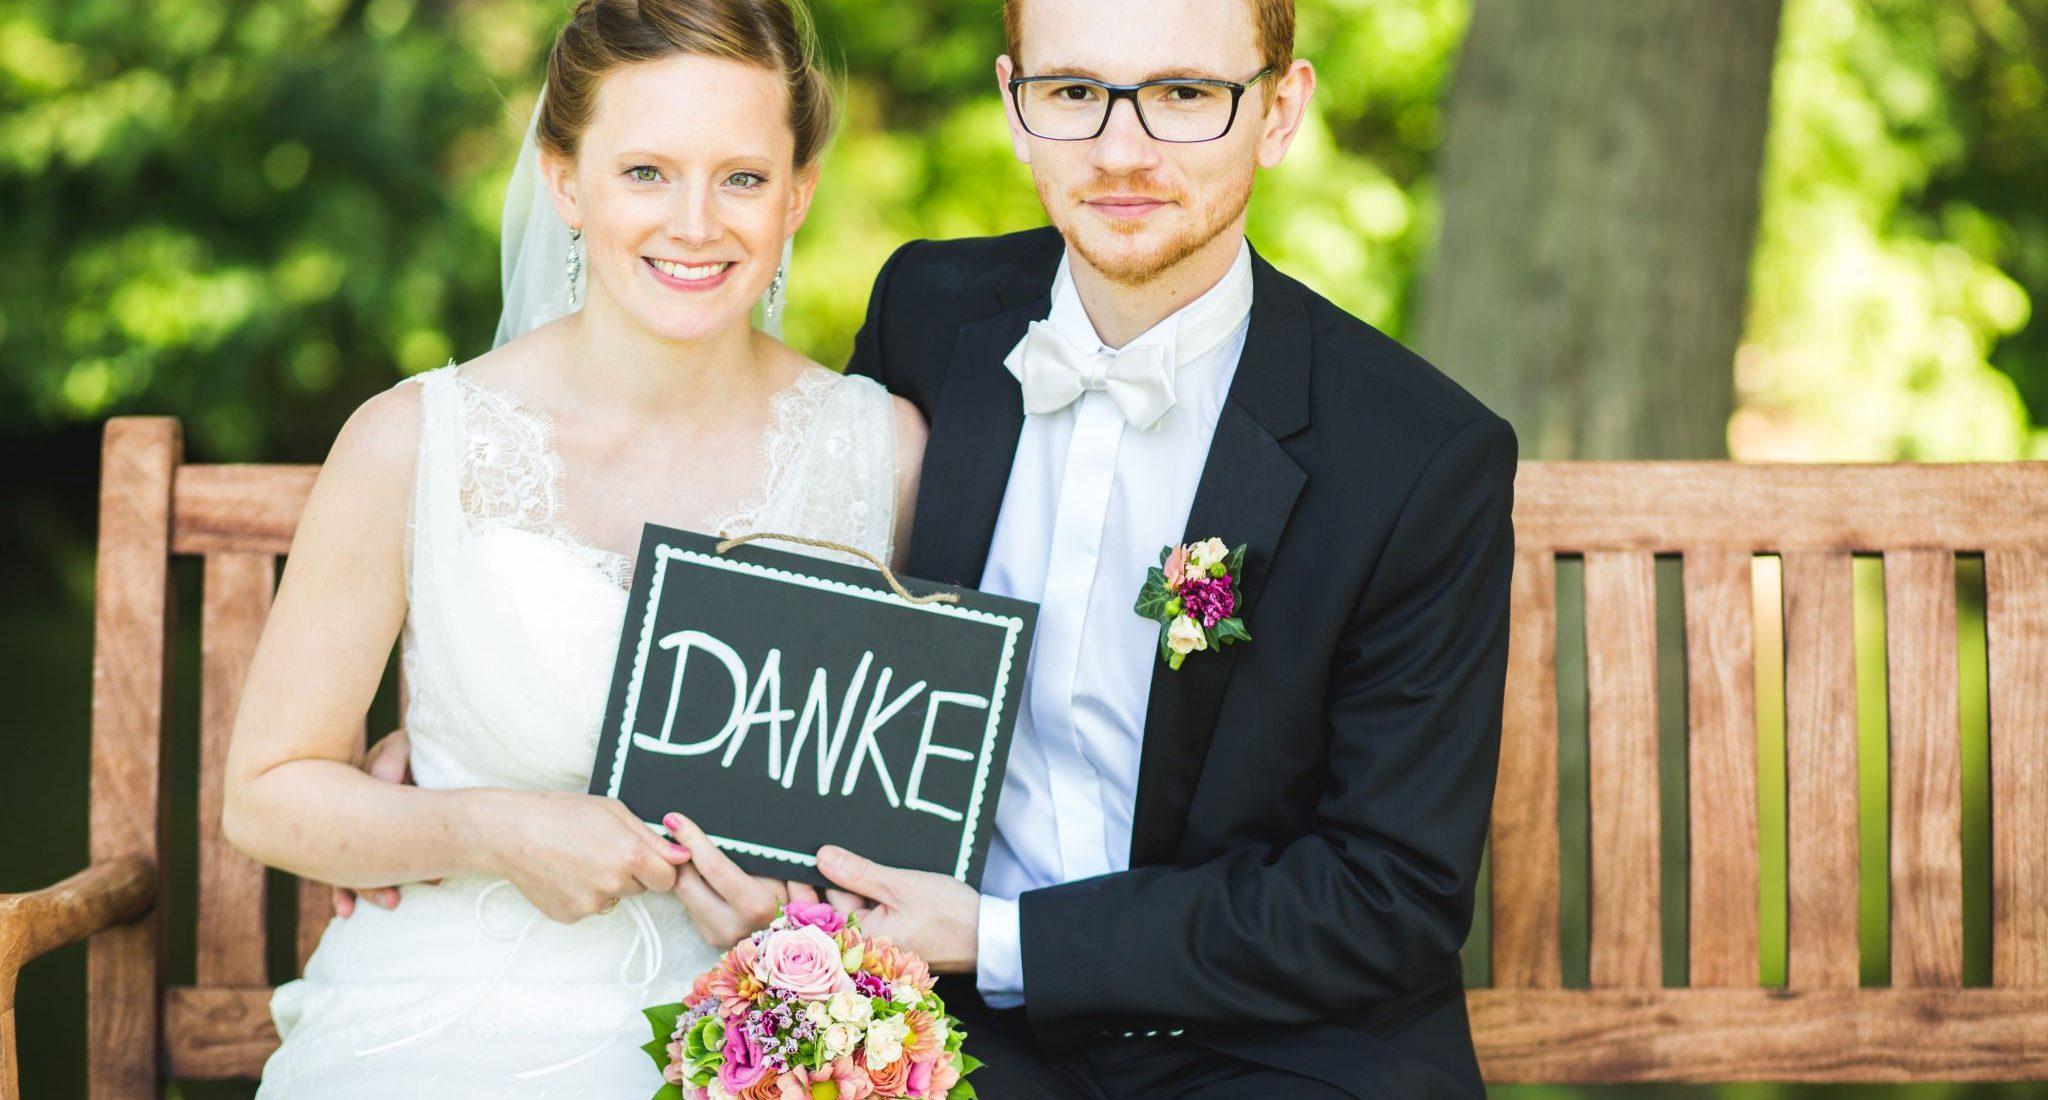 Hochzeit Anke & Georgi 396 1-250 Sek. bei f - 2,5 © Sebastian Petersen